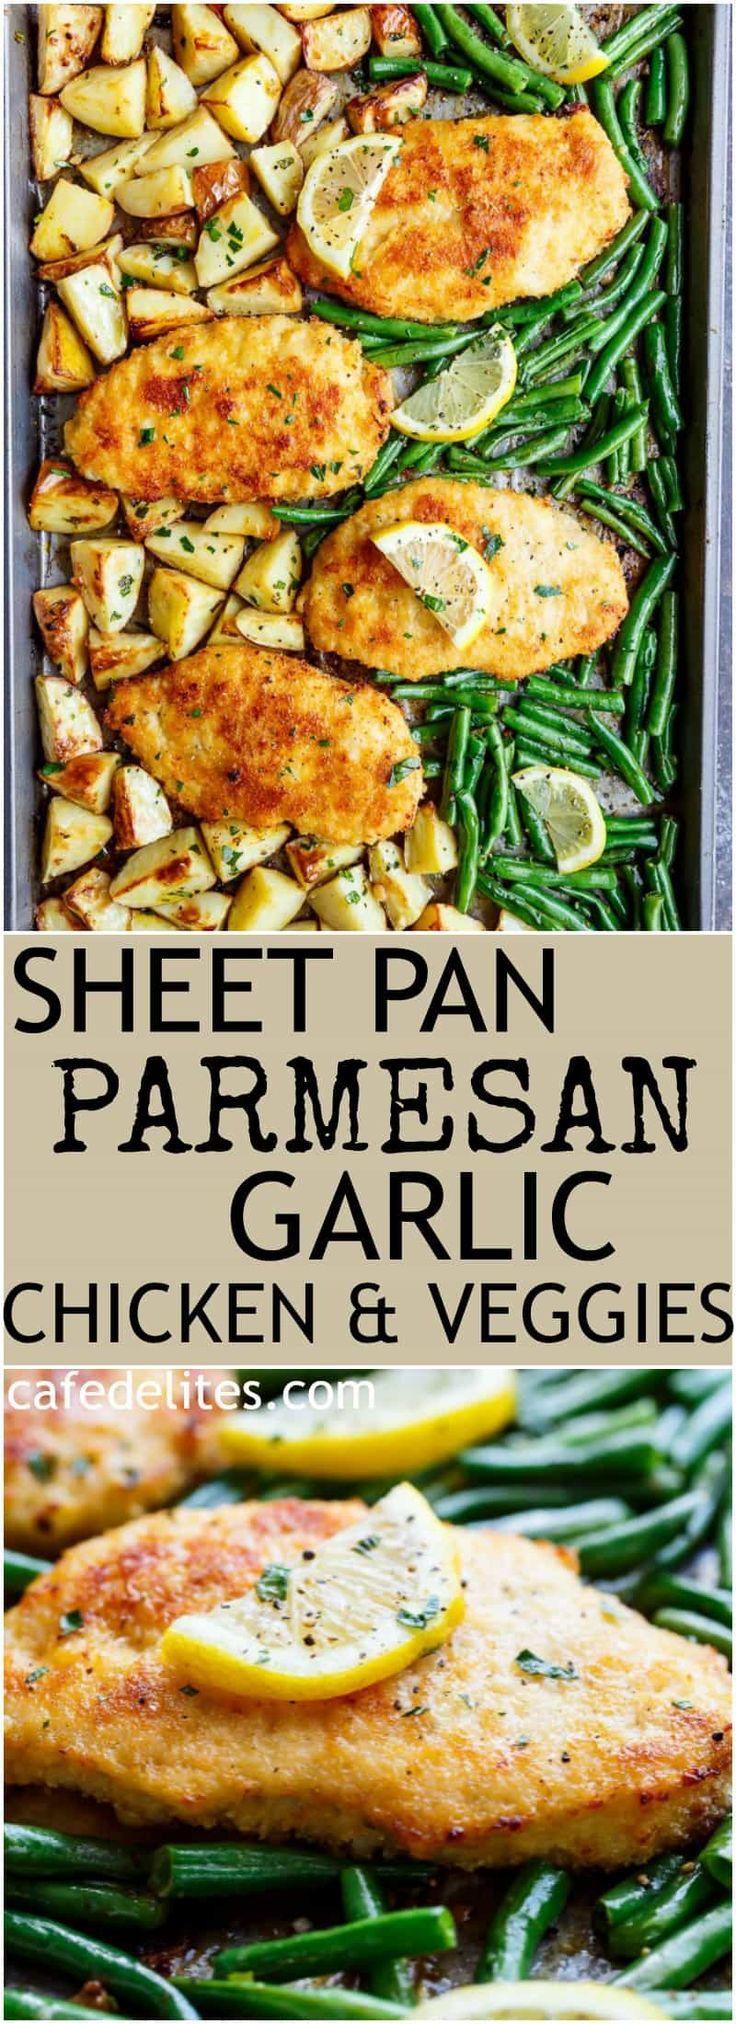 easy one pan dinners #onepandinnerschicken